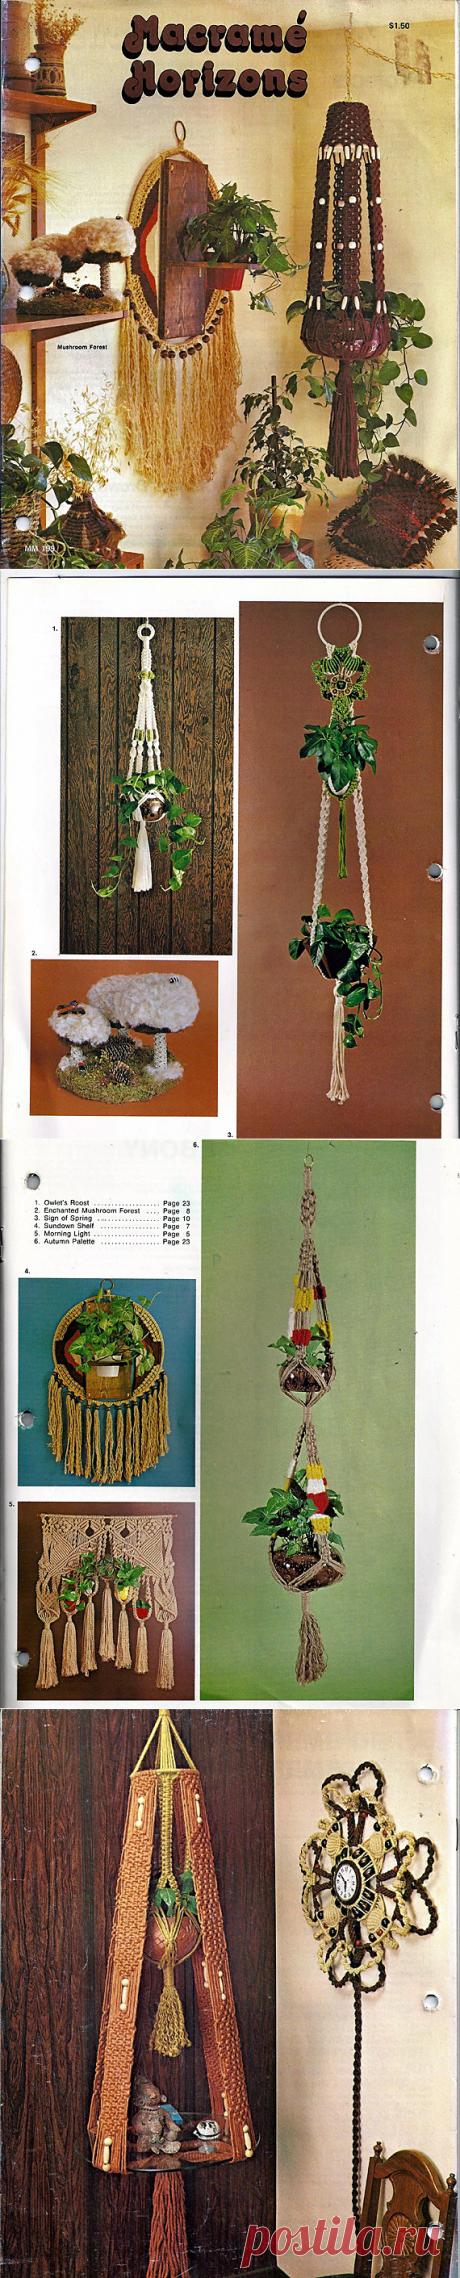 Macrame Horizons Macrame Pattern Book MM 199 de grammysyarngarden